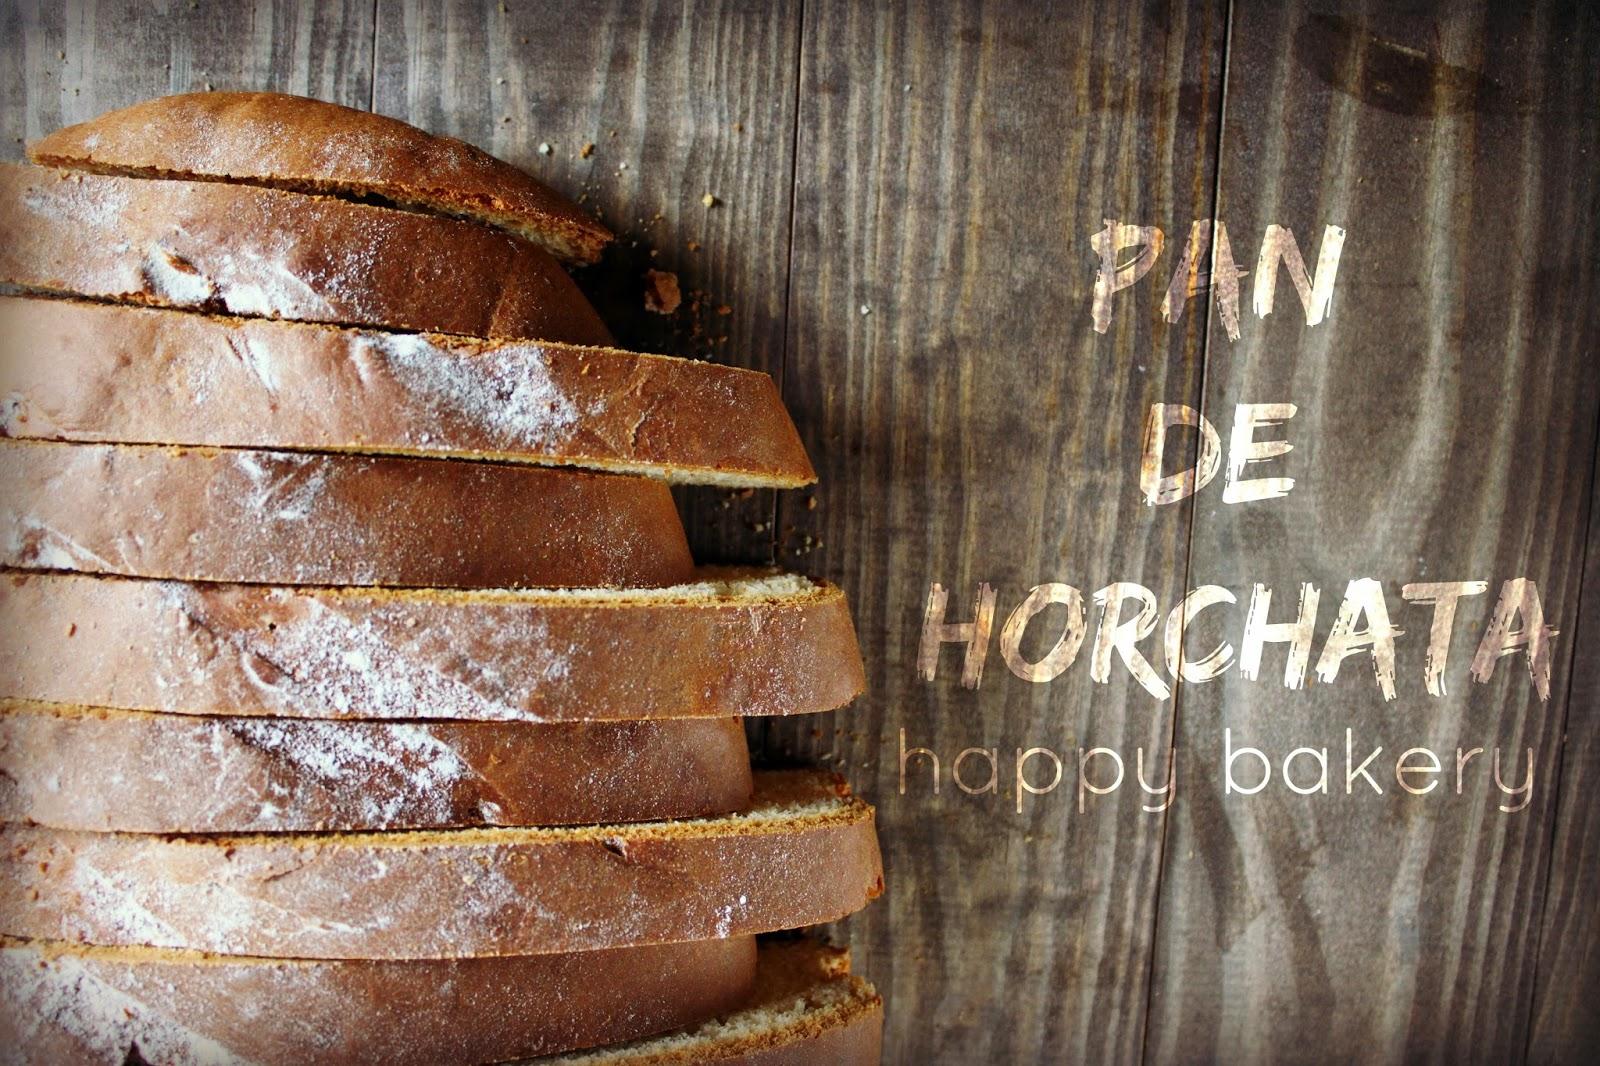 PAN DE HORCHATA